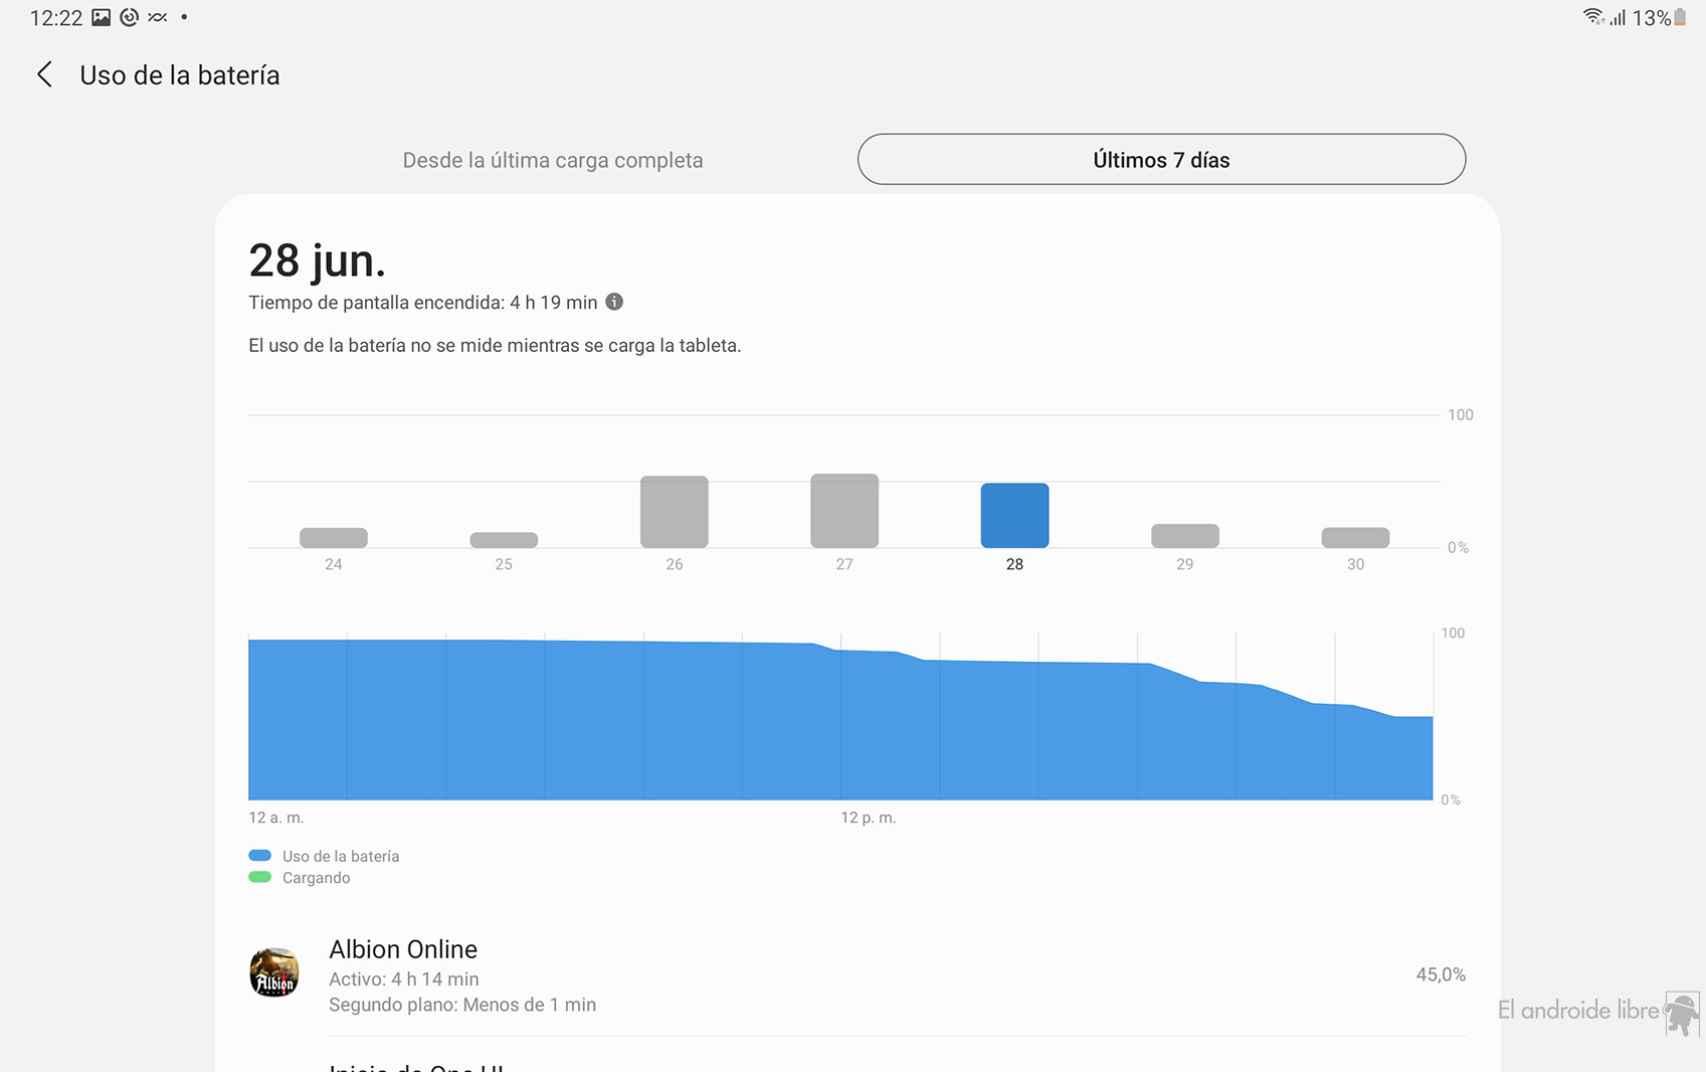 Las horas de pantalla con Albion Online